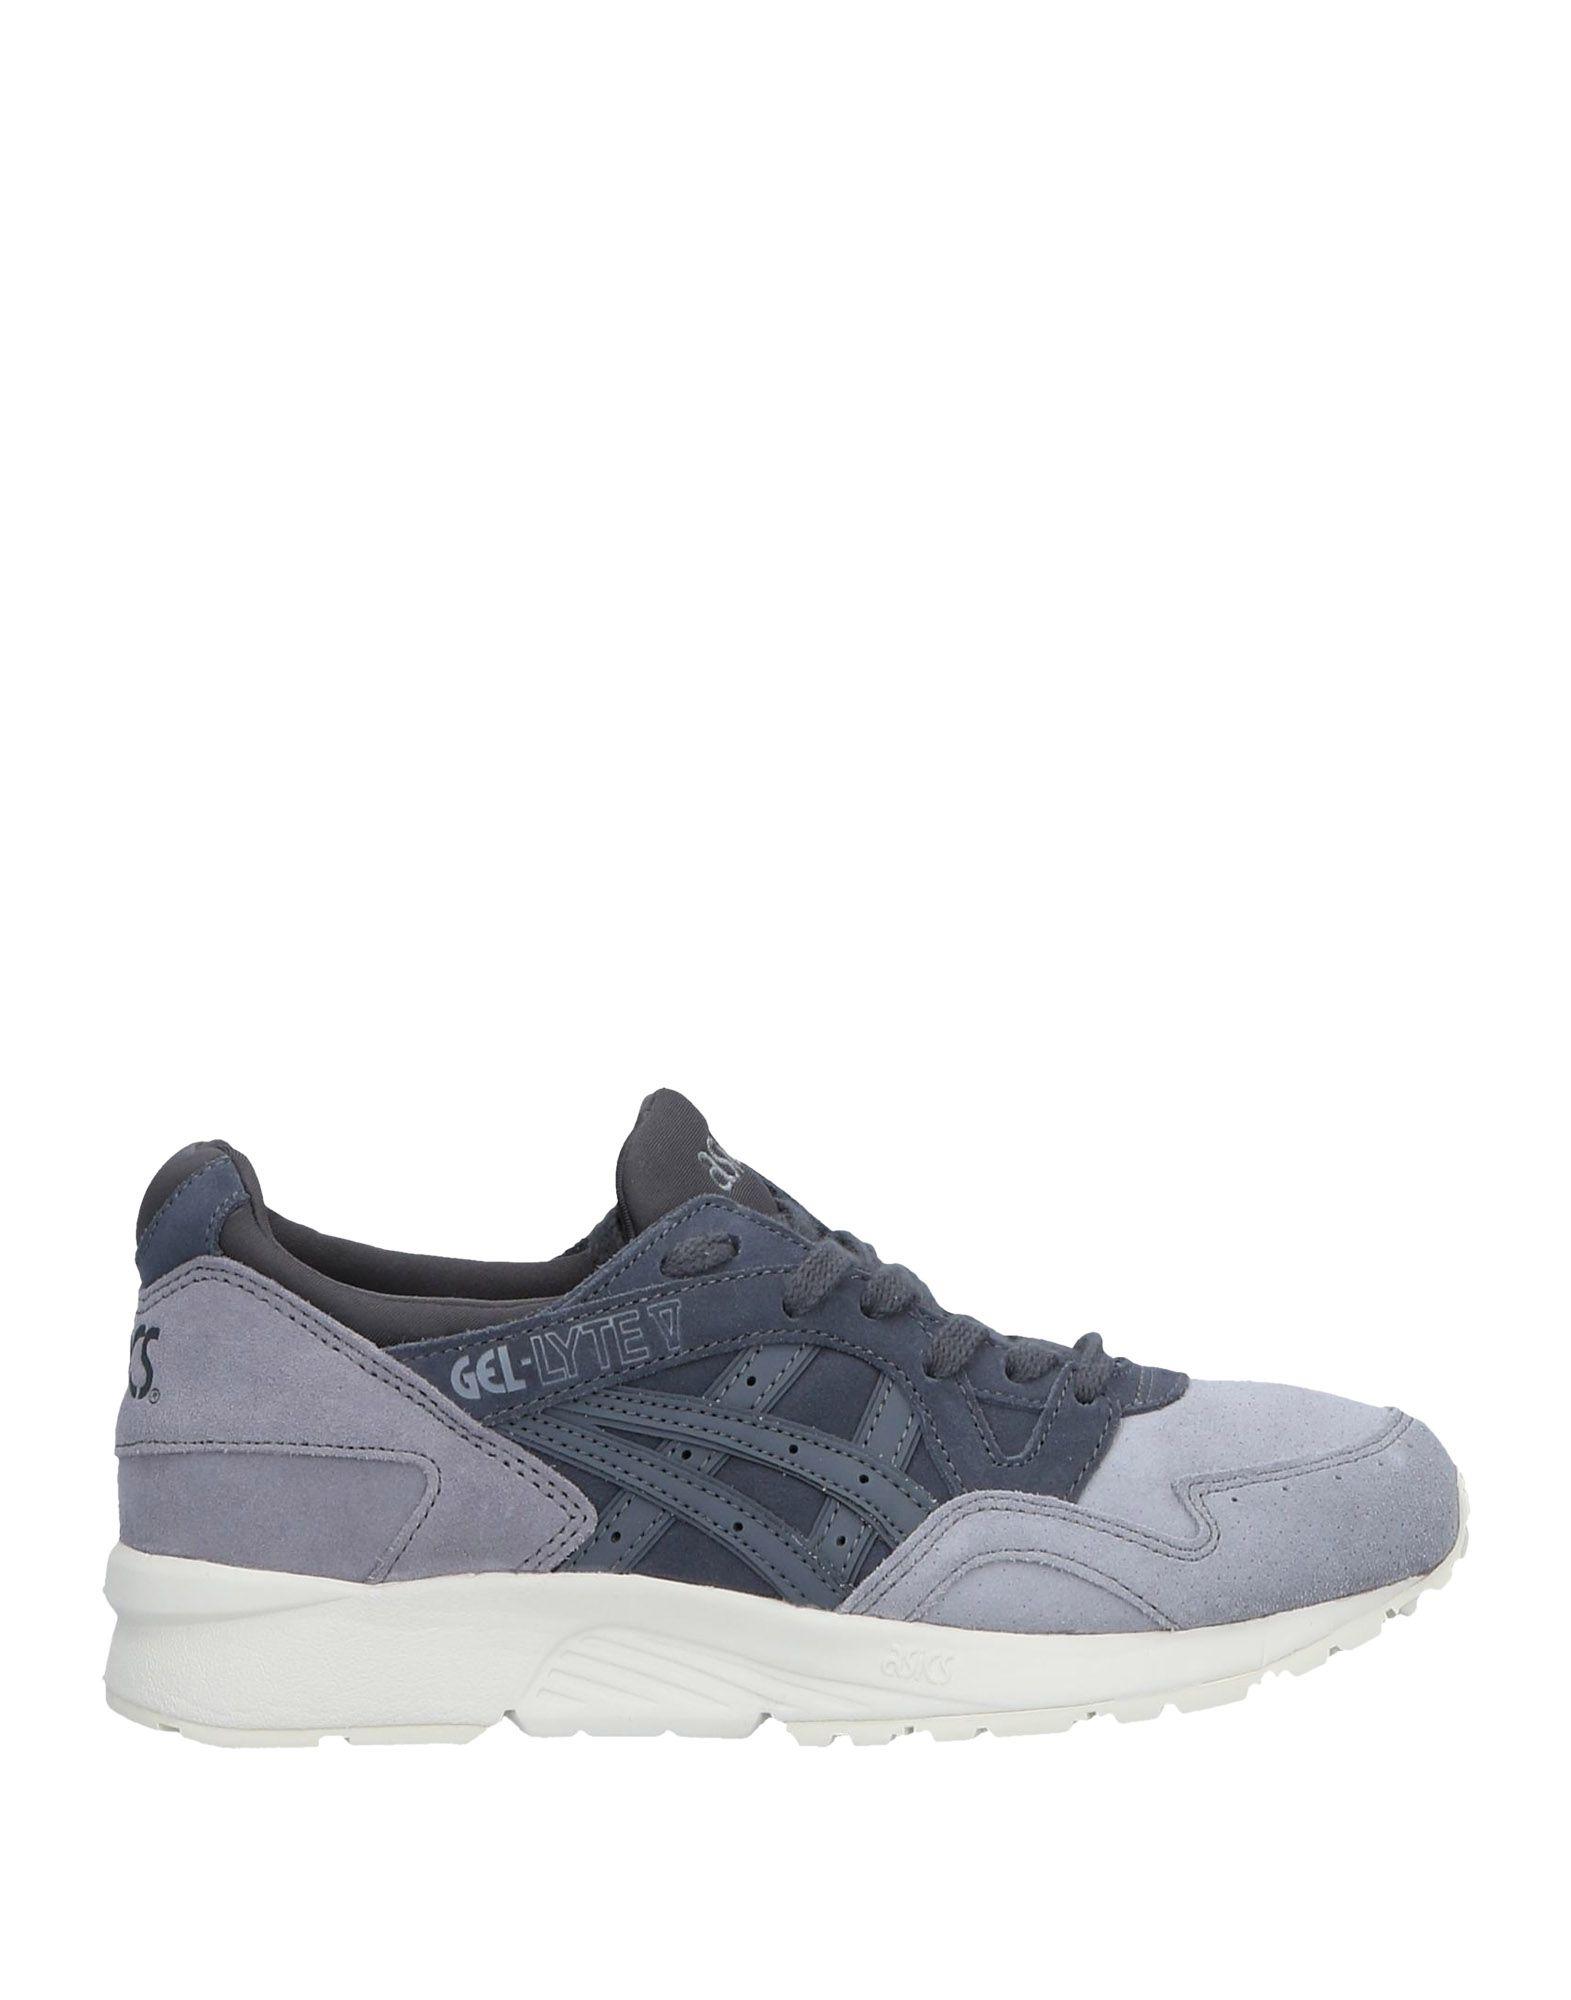 Asics Sneakers Damen  11506225NR Gute Qualität beliebte Schuhe